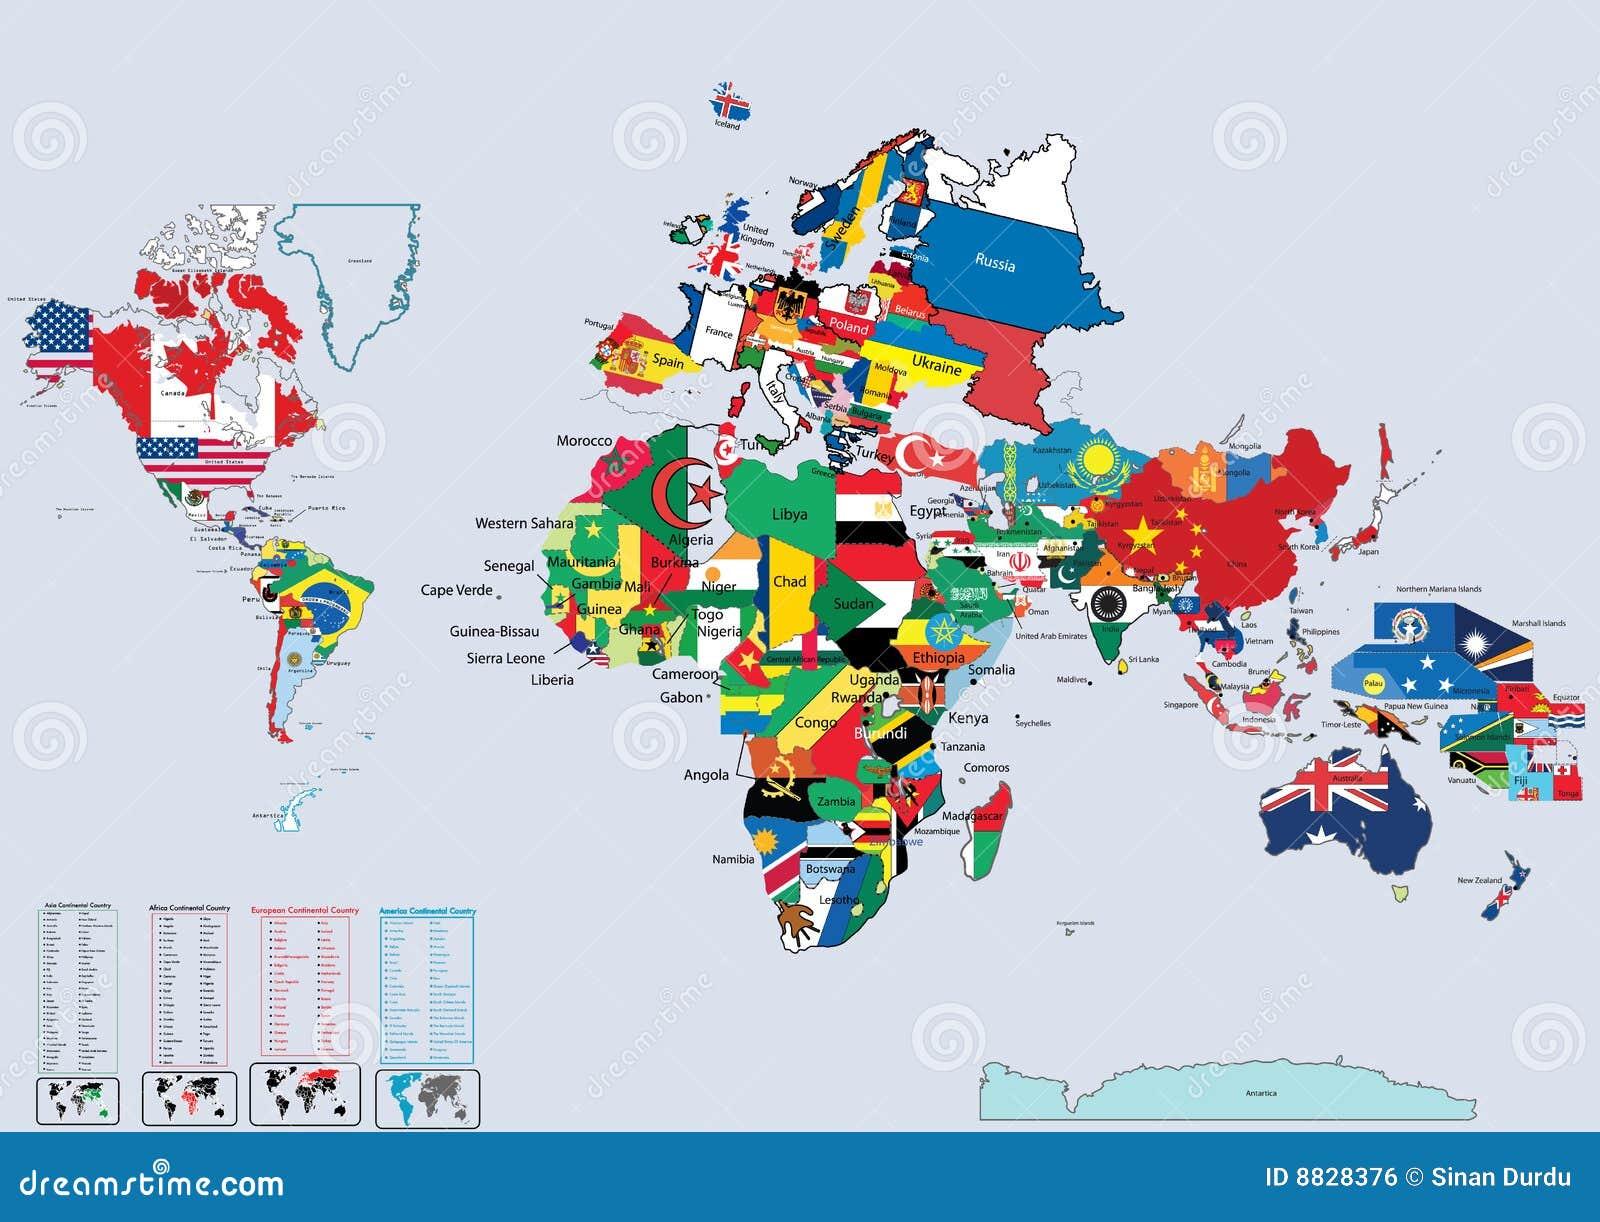 Mapa De Localização De Pontos De Vetor Localização De: Bandeiras E Mapa De País Do Mundo Ilustração Do Vetor